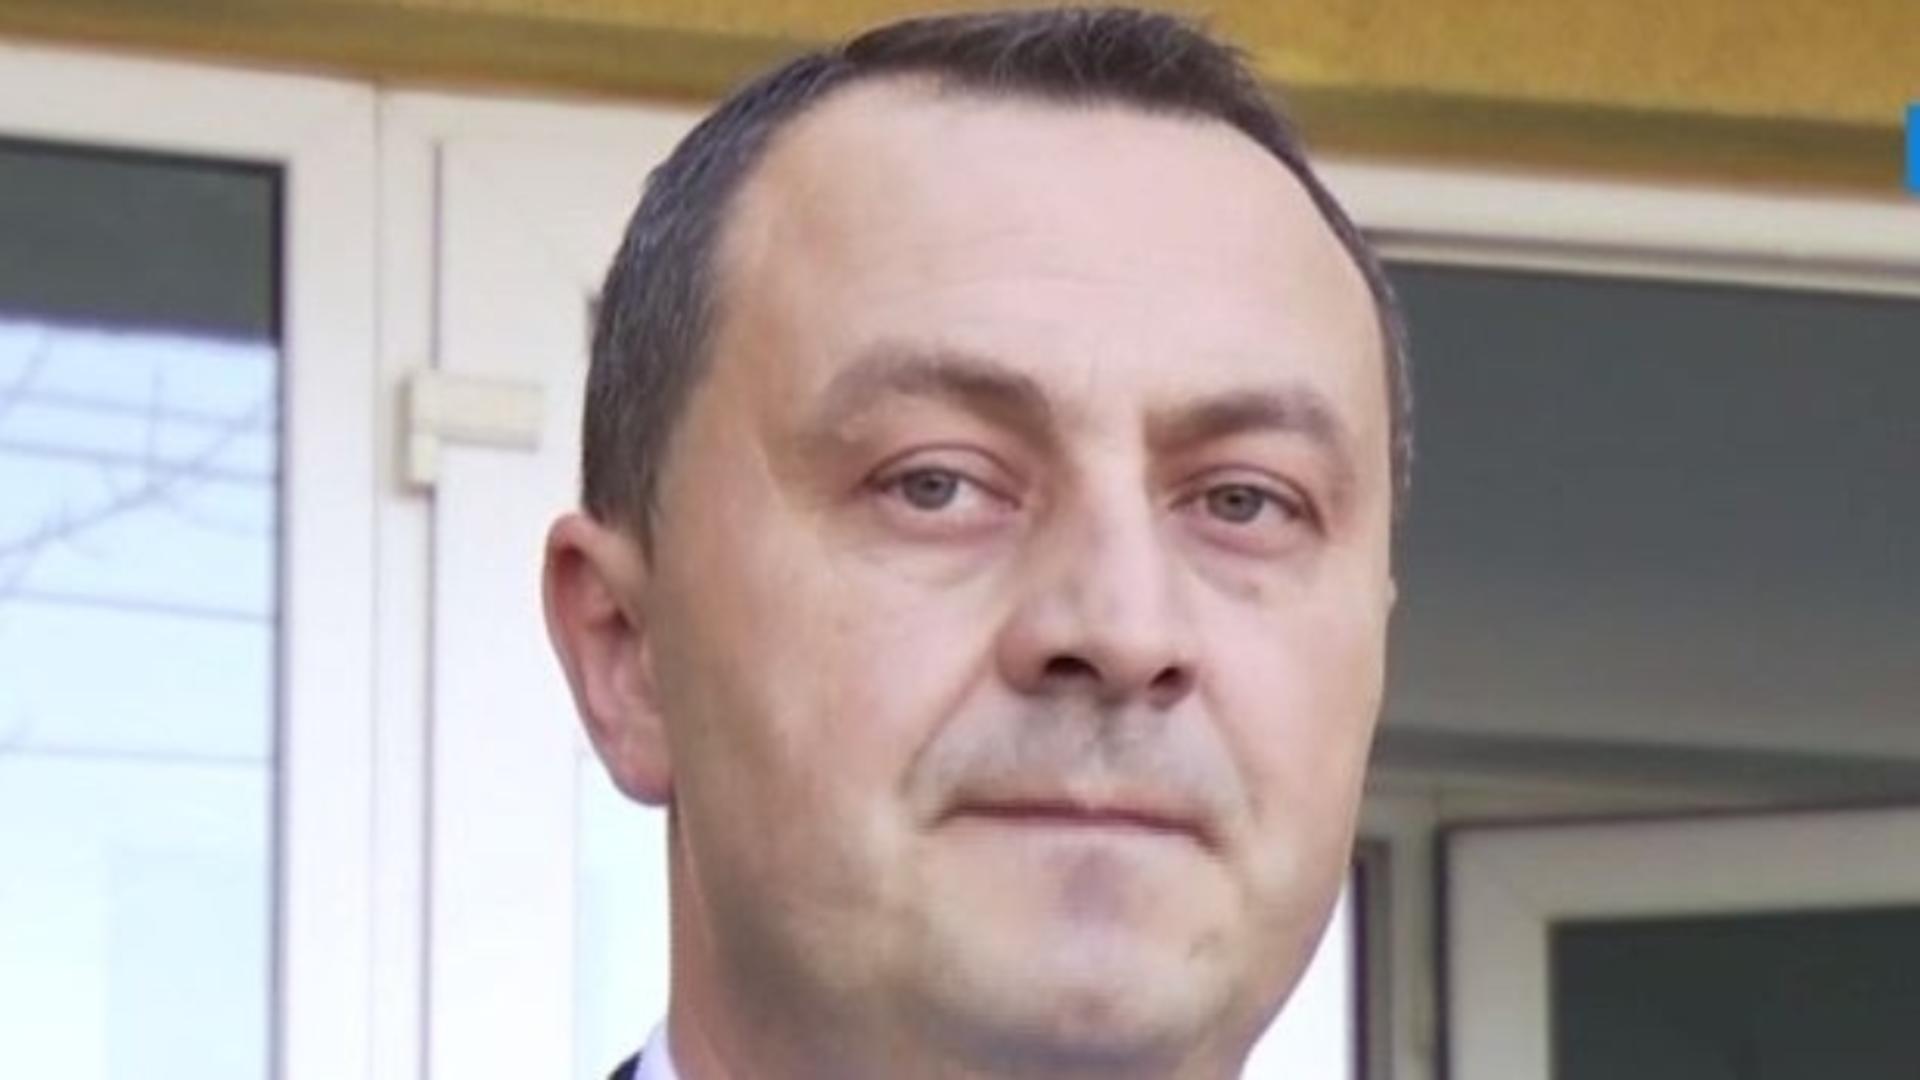 Șeful IPJ Prahova, Marian Iorga, a fost pus sub urmărire penală de către procurorii DNA. Foto/arhivă